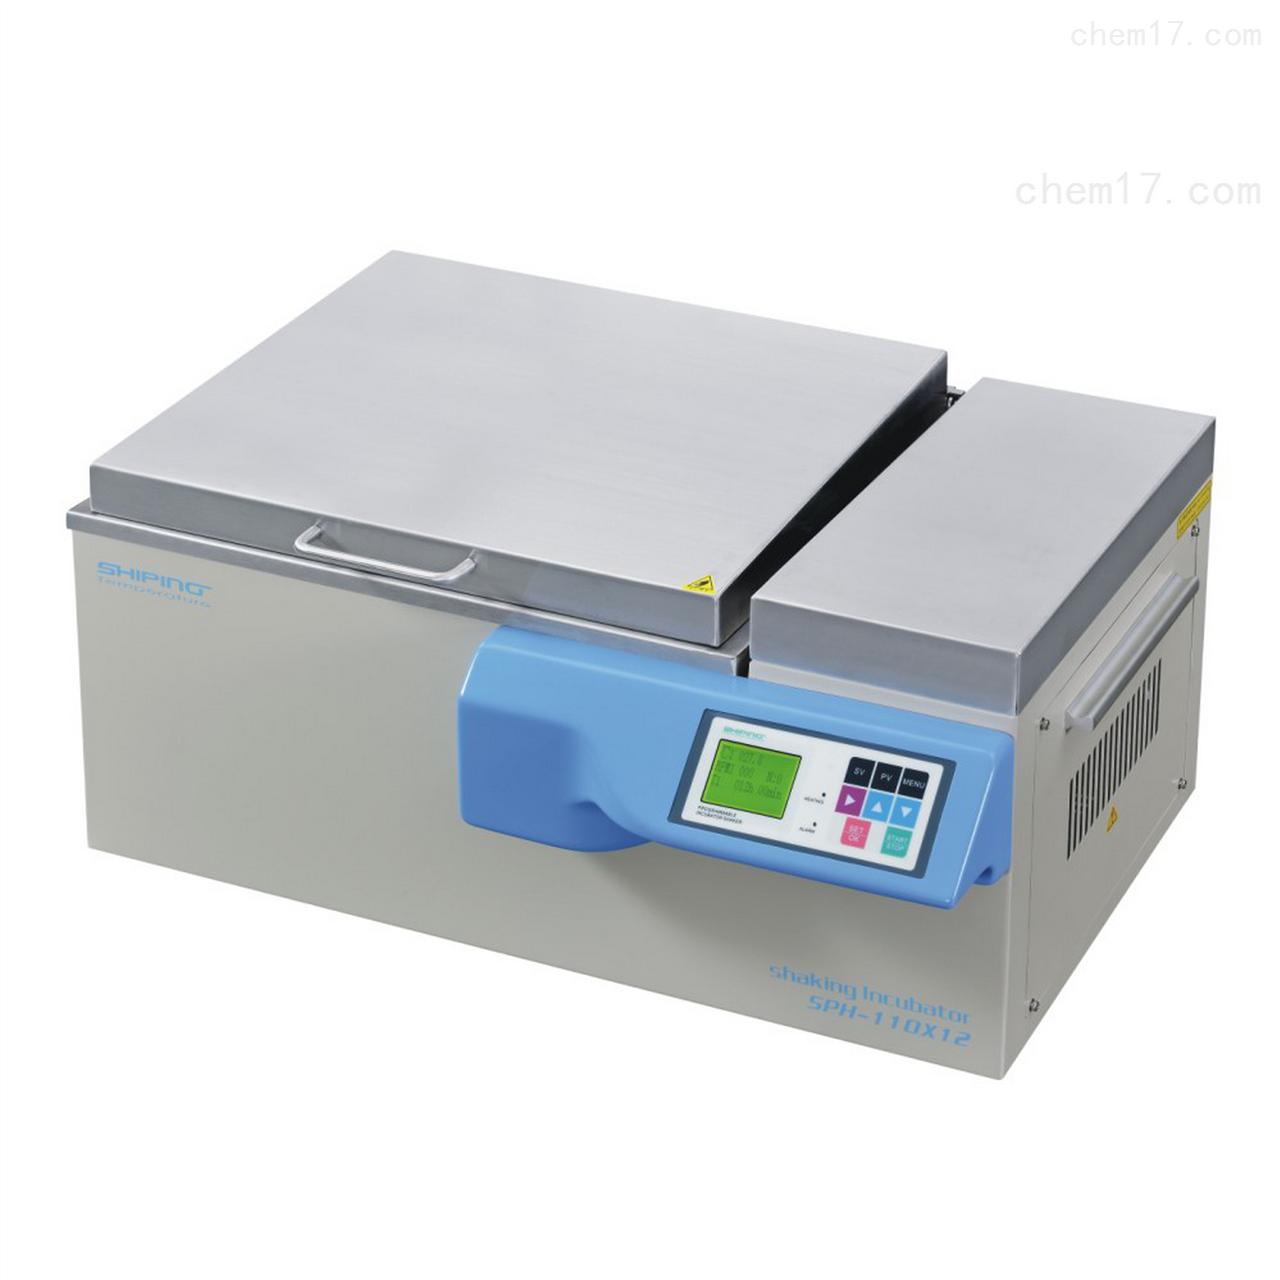 SPH-110X12往复式恒温水浴摇床(台式)